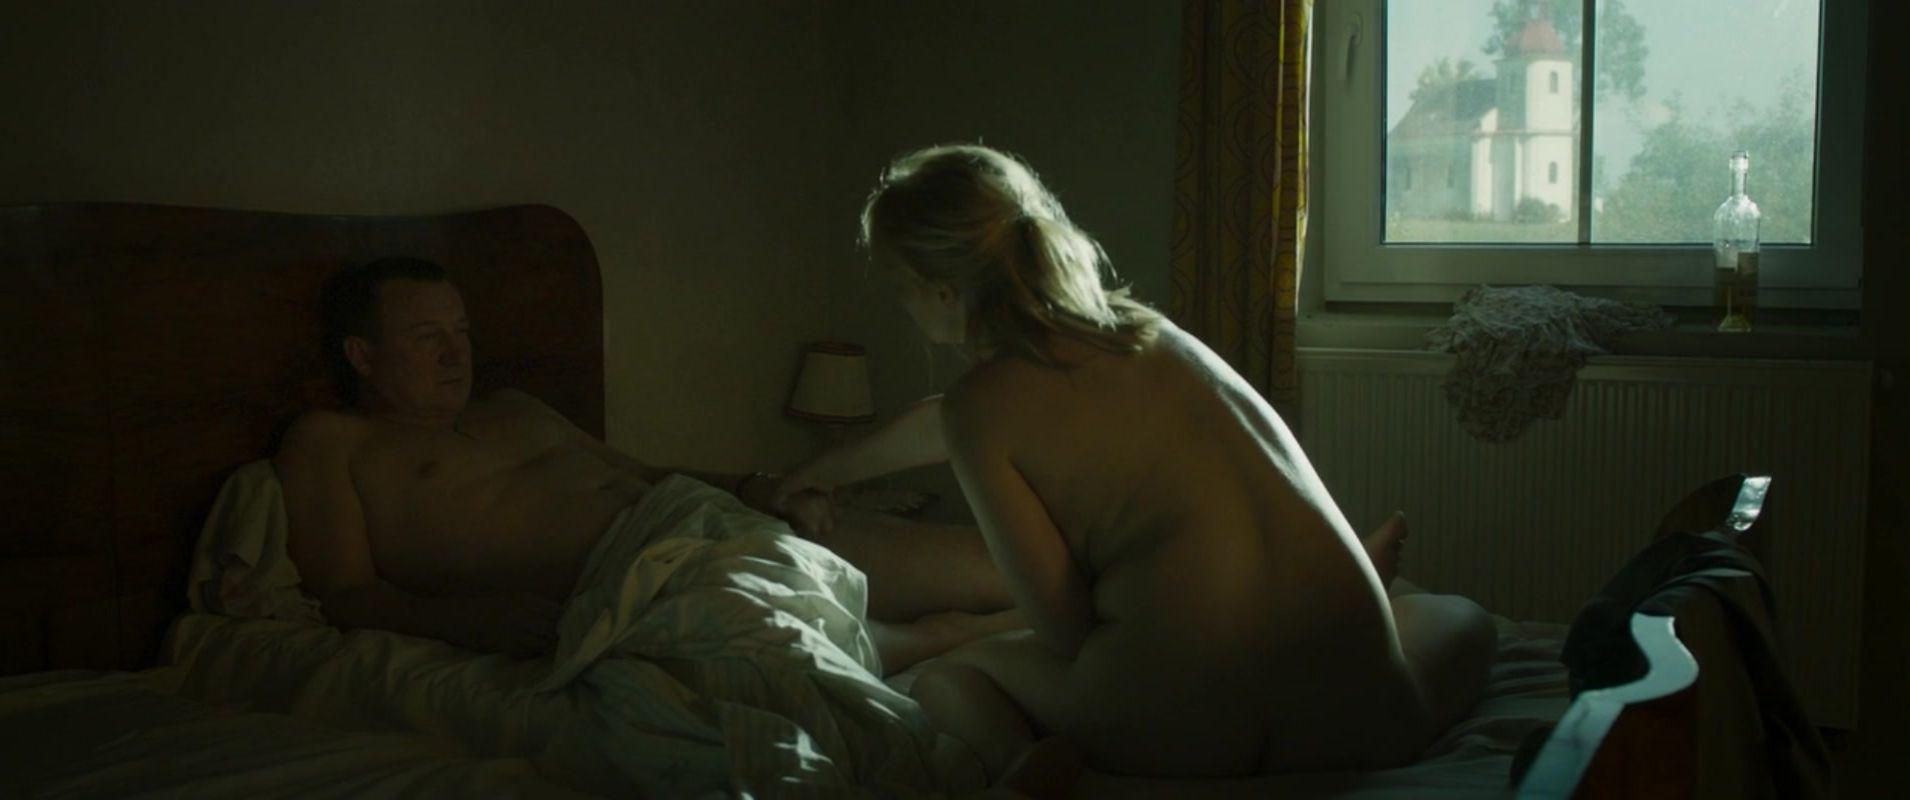 Joanna page movie mr nude